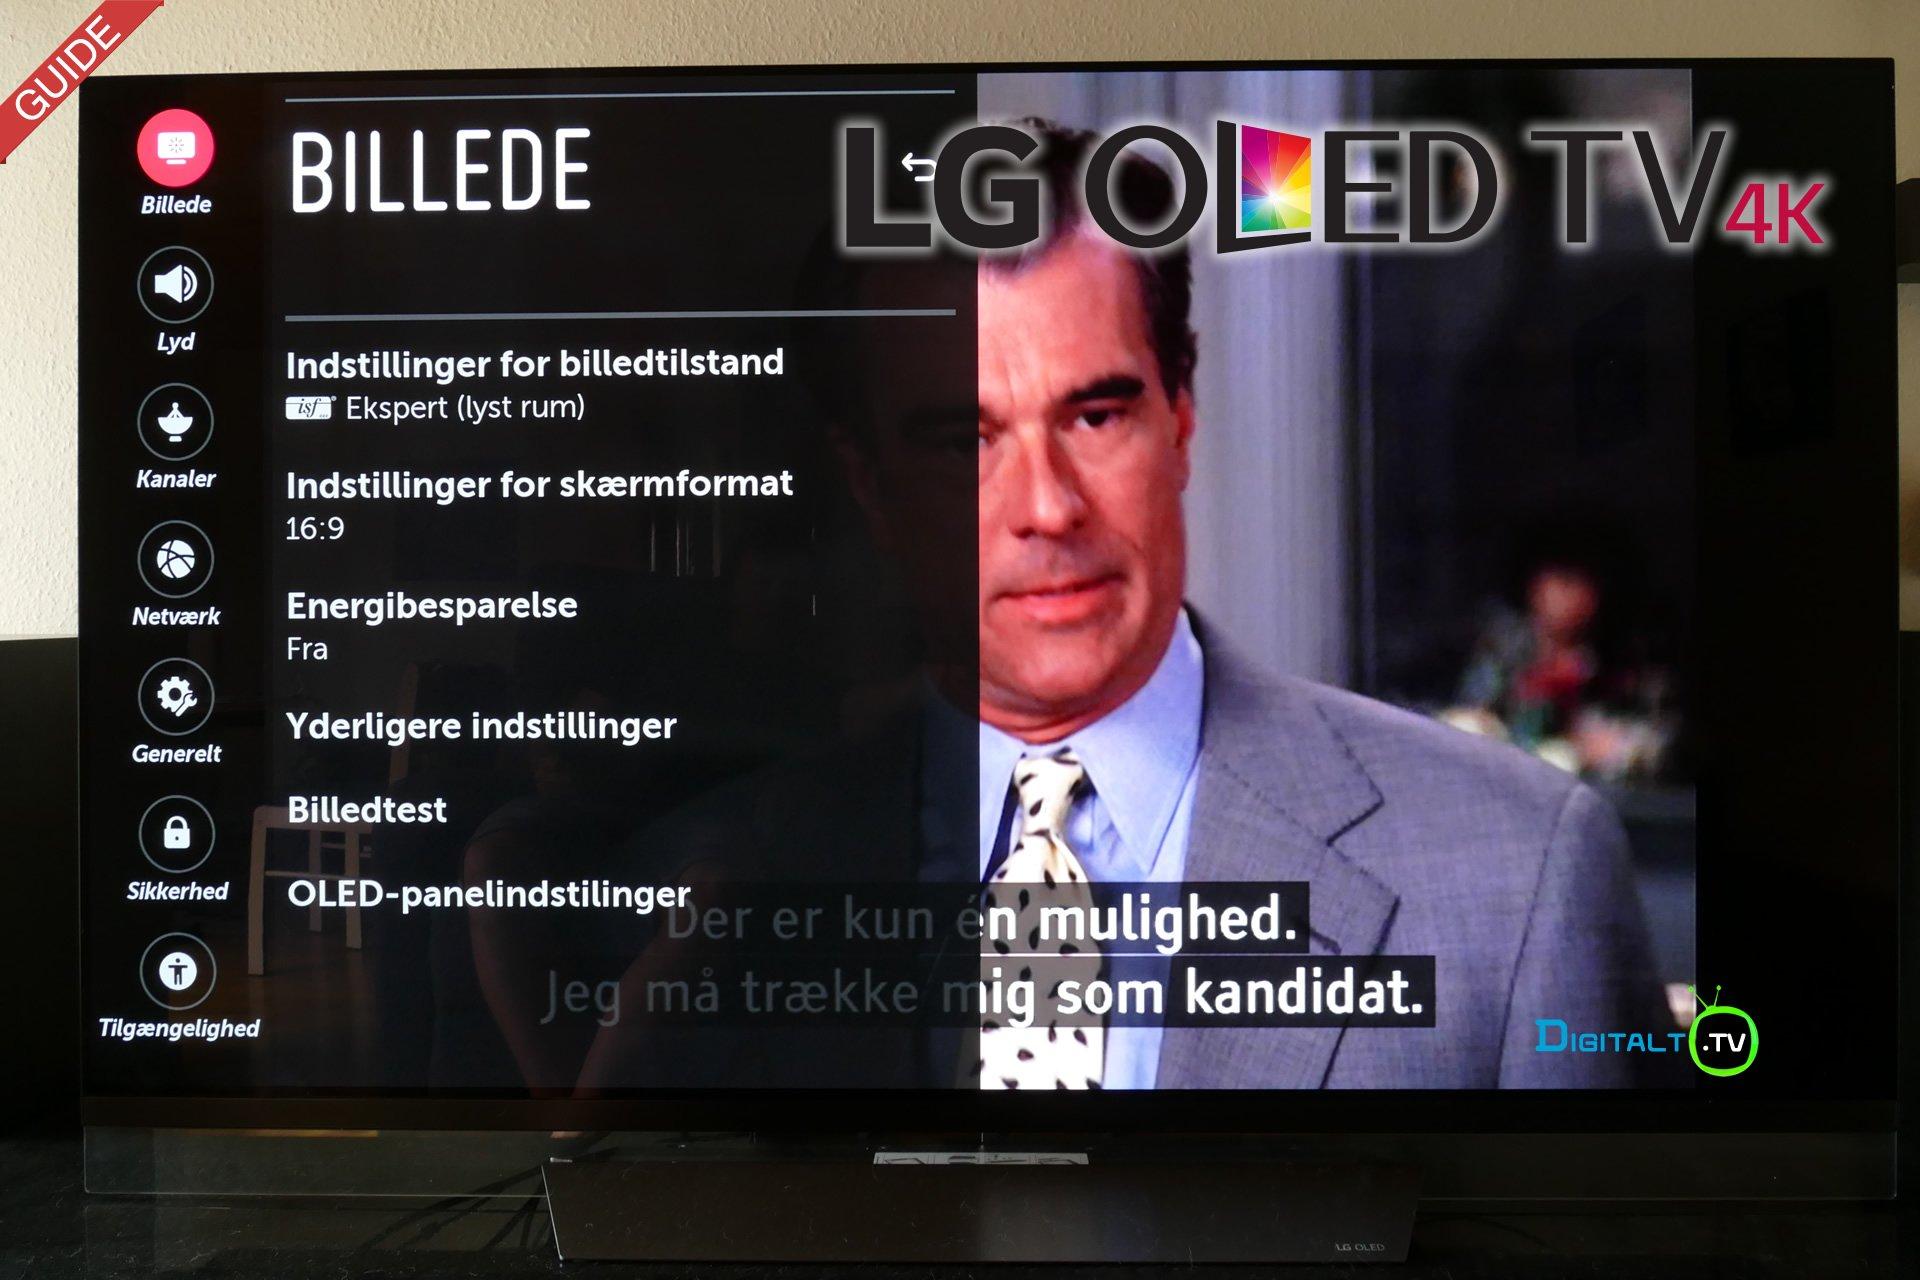 LG OLED TV indstillinger guide